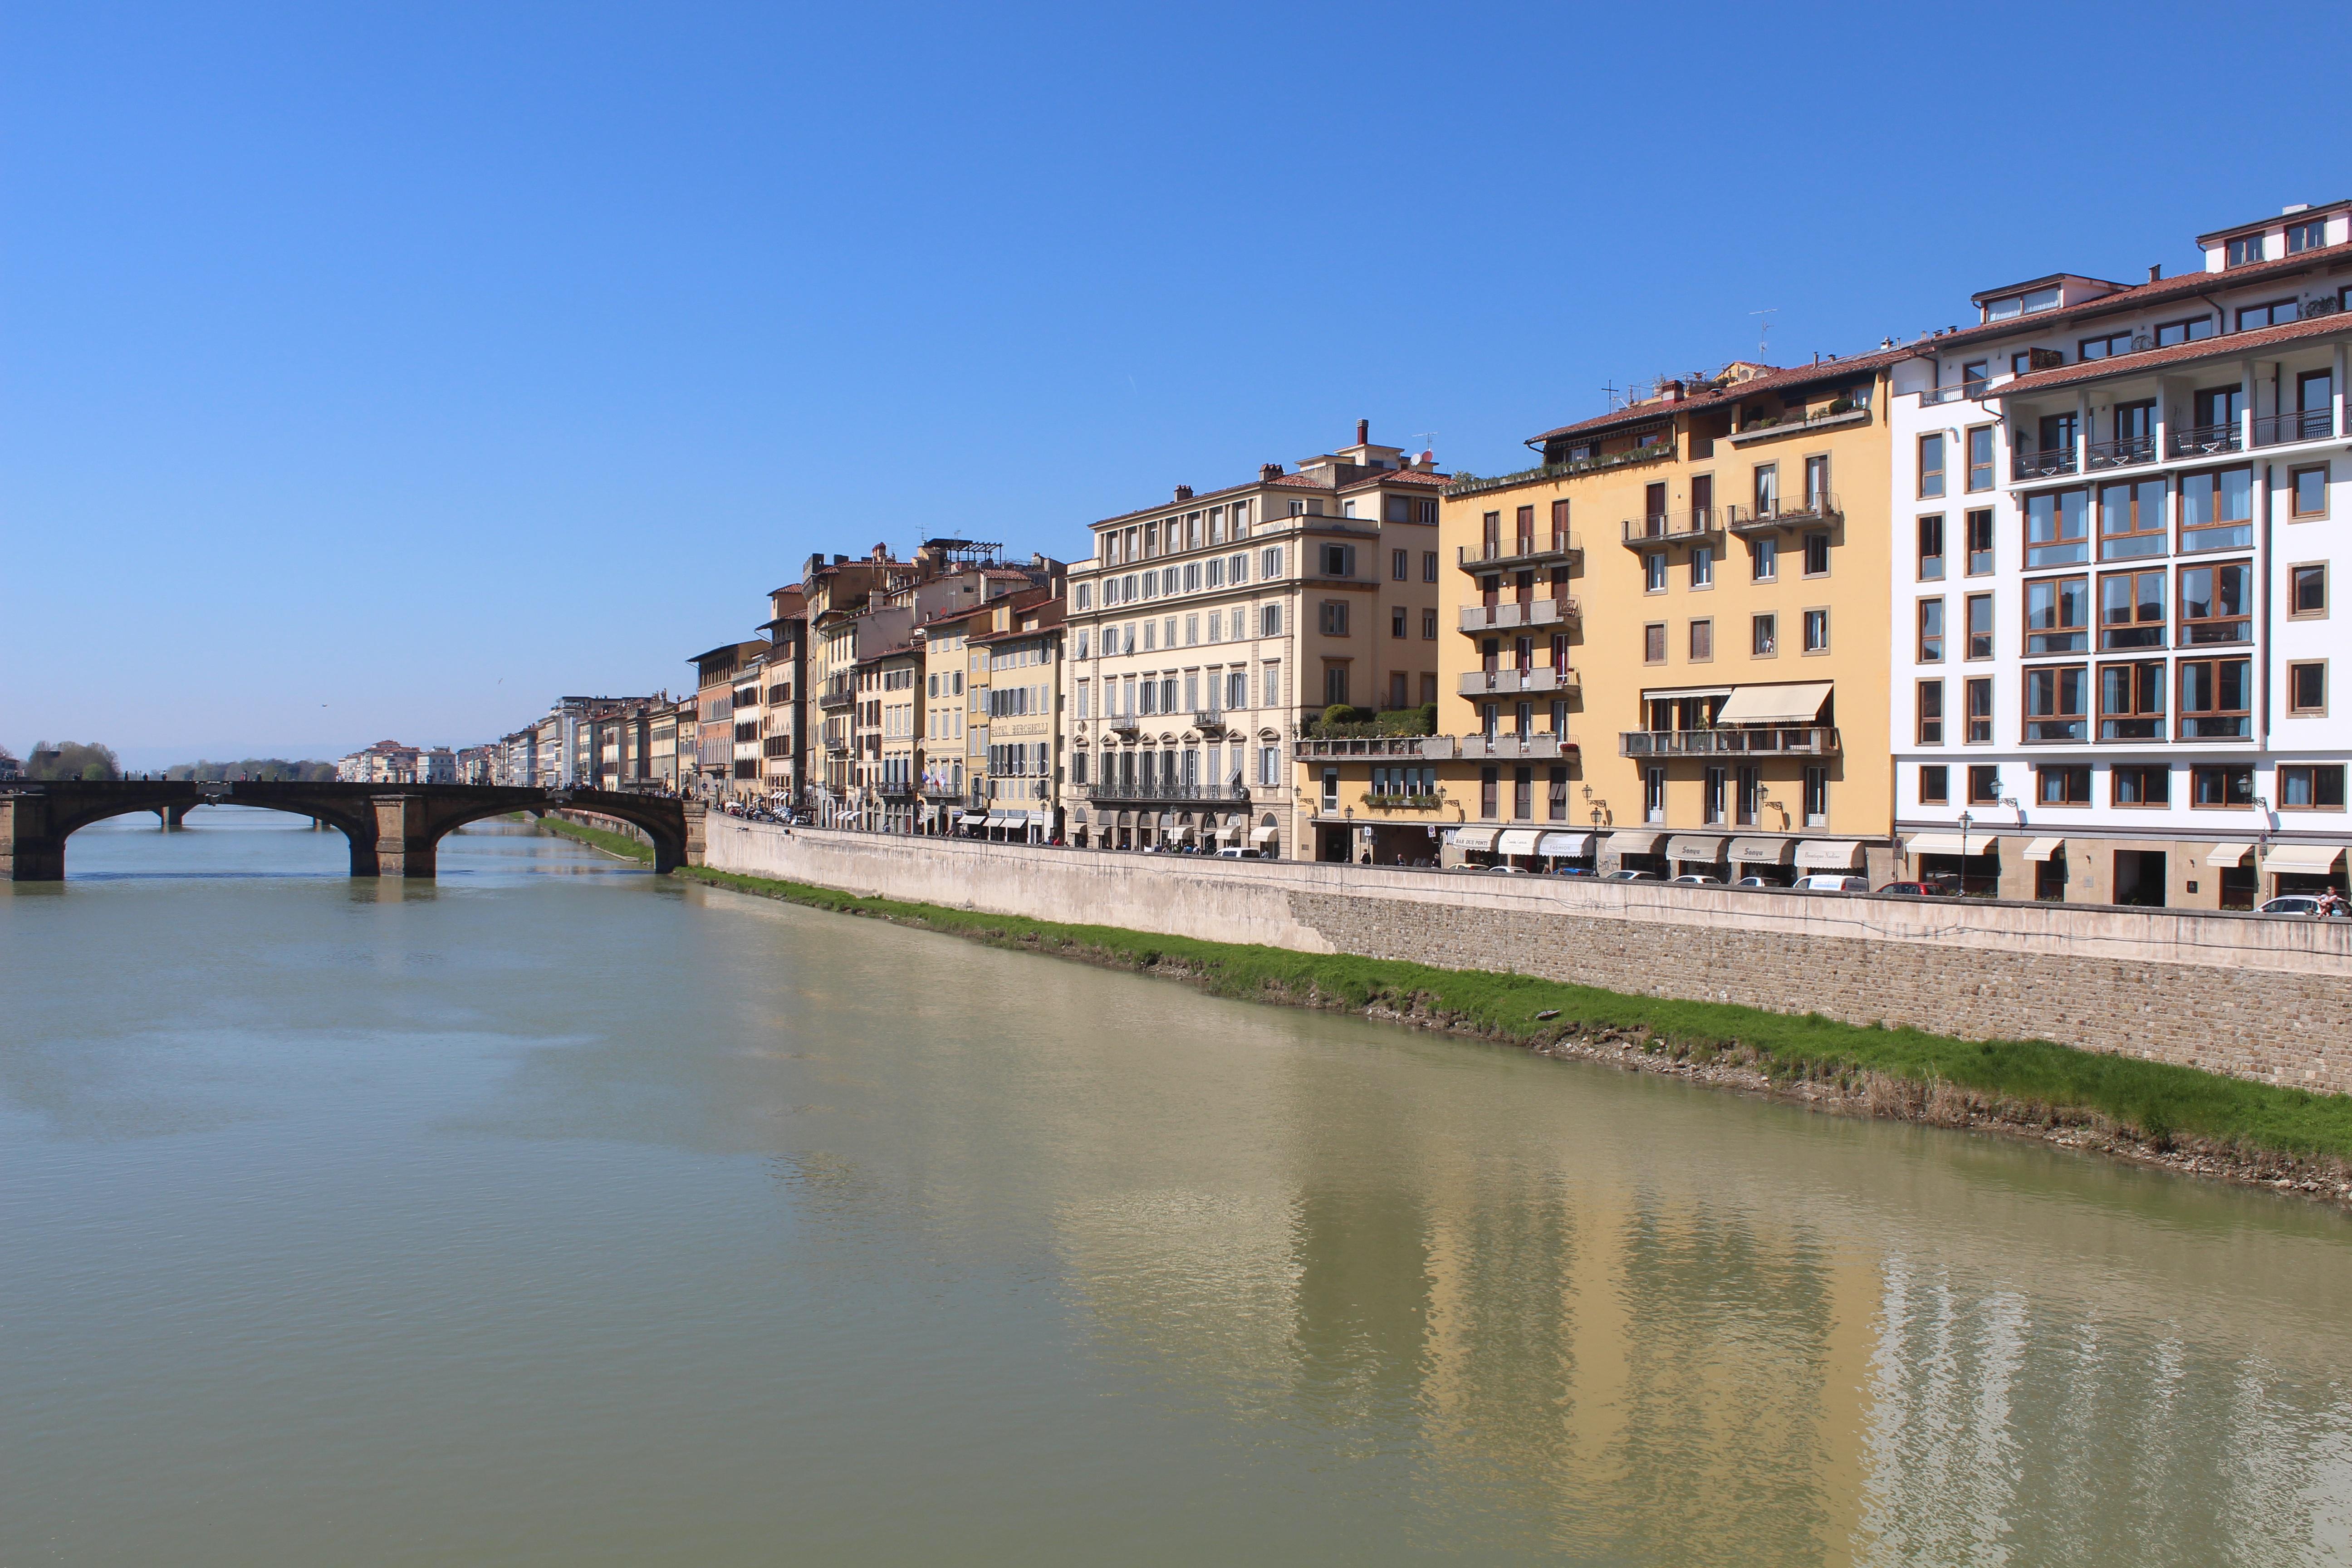 hình ảnh : phong cảnh, Kiến trúc, những người, thị trấn, Thành phố, con sông, con kênh, Cảnh quan thành phố, Bức tranh toàn cảnh, du lịch, đi bộ, Châu Âu, ...